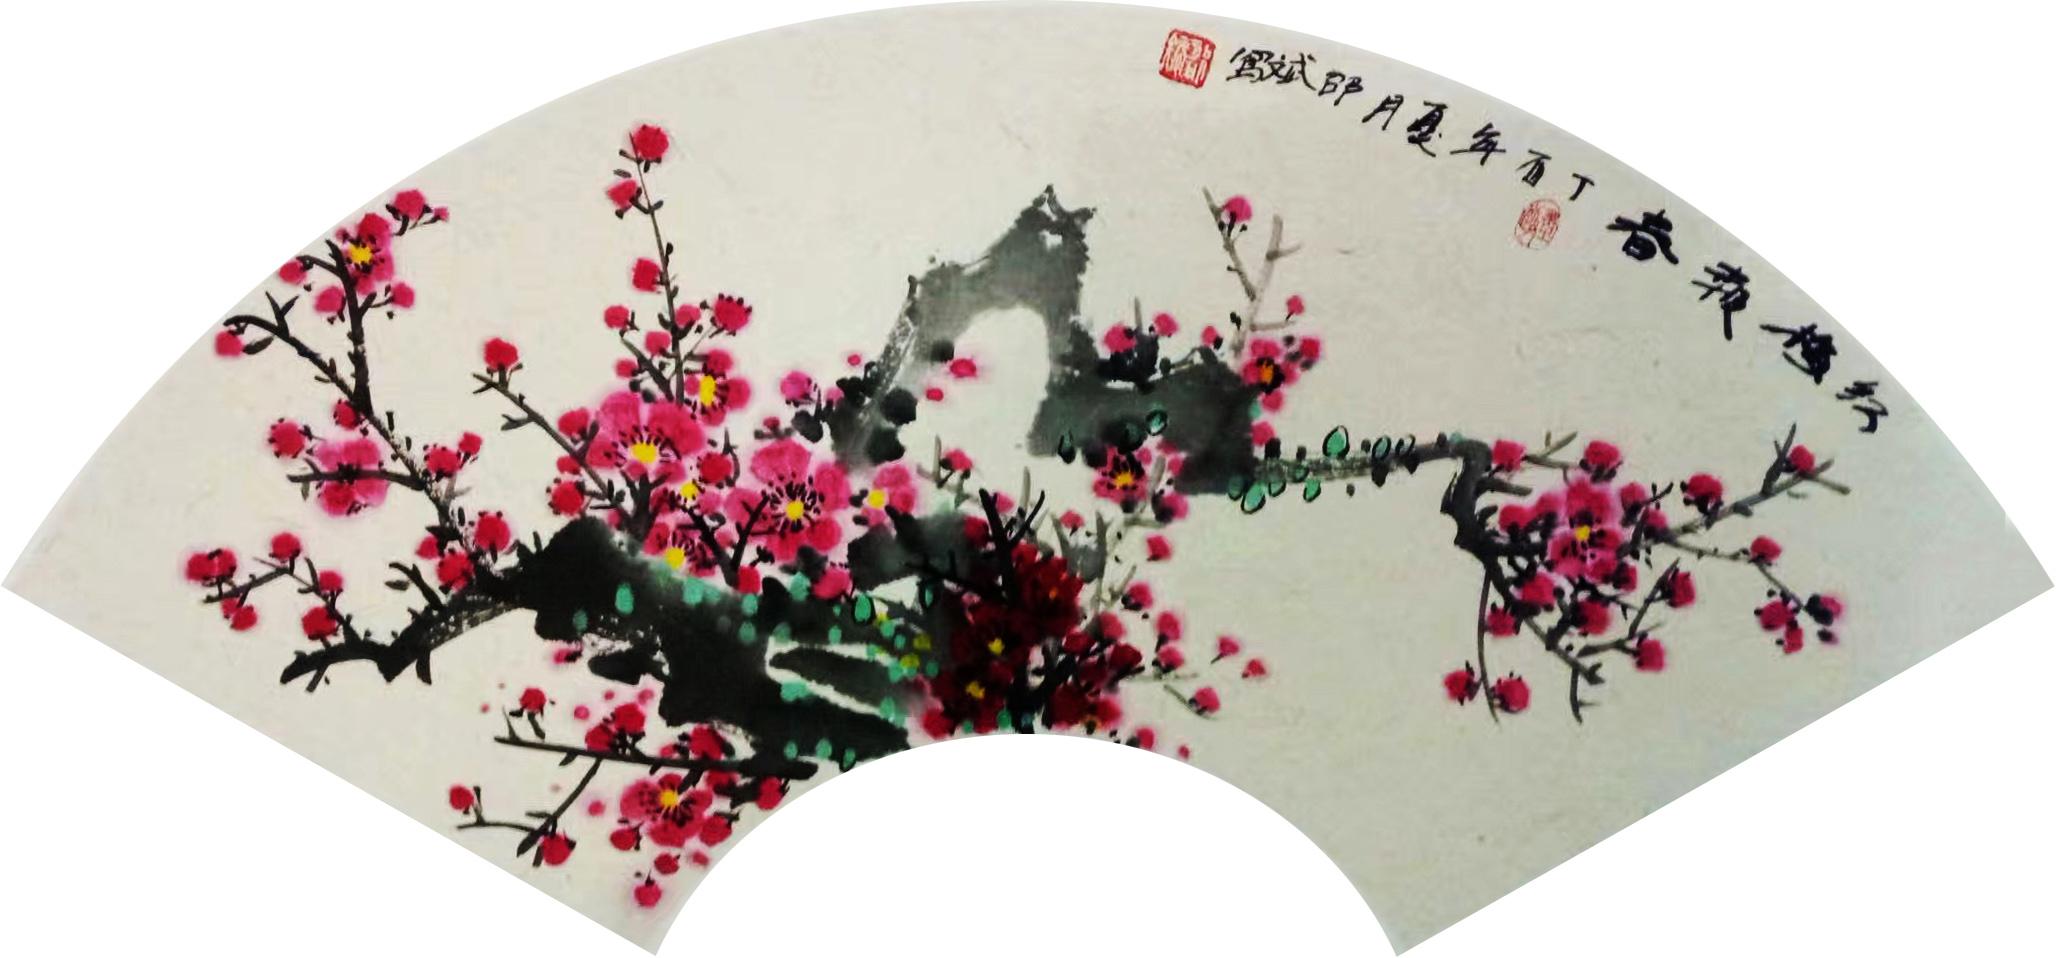 红梅报春 扇面 丁酉夏月